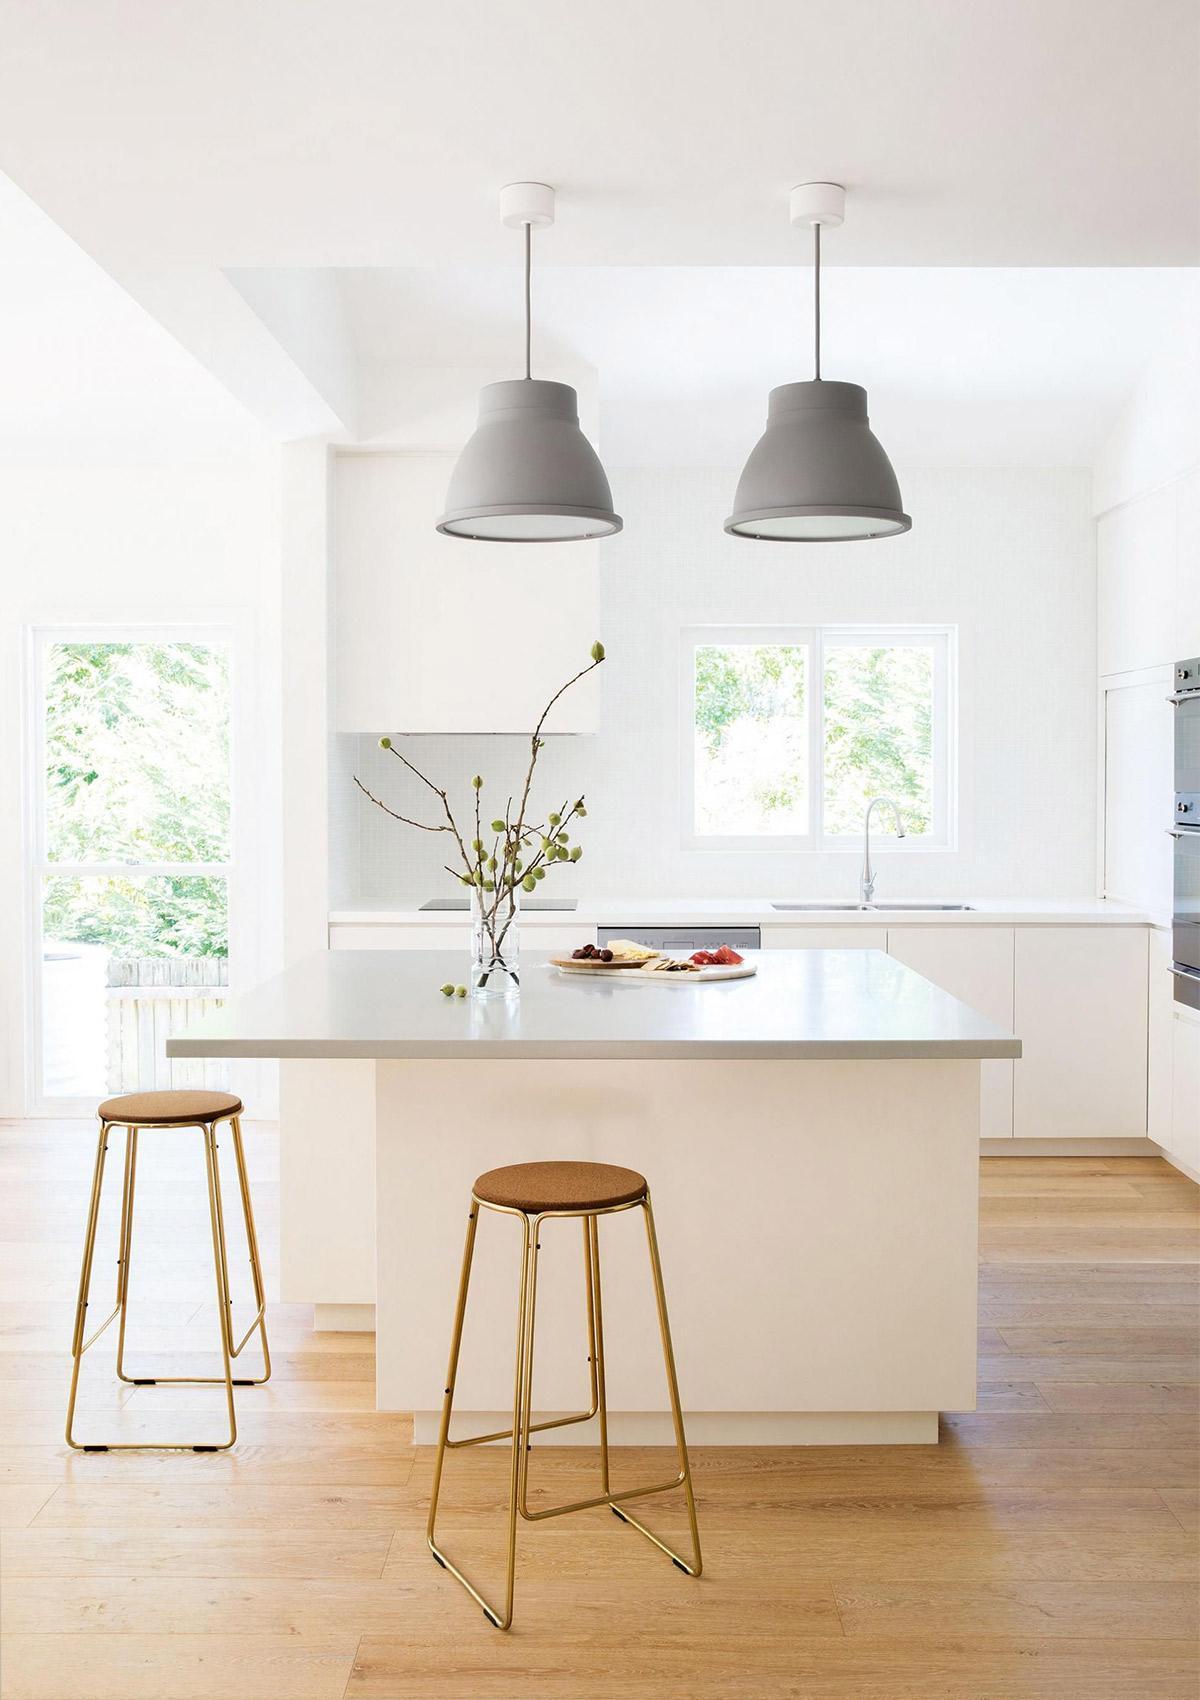 Ý tưởng thiết kế nội thất không gian căn bếp tuyệt đẹp tông màu Xám